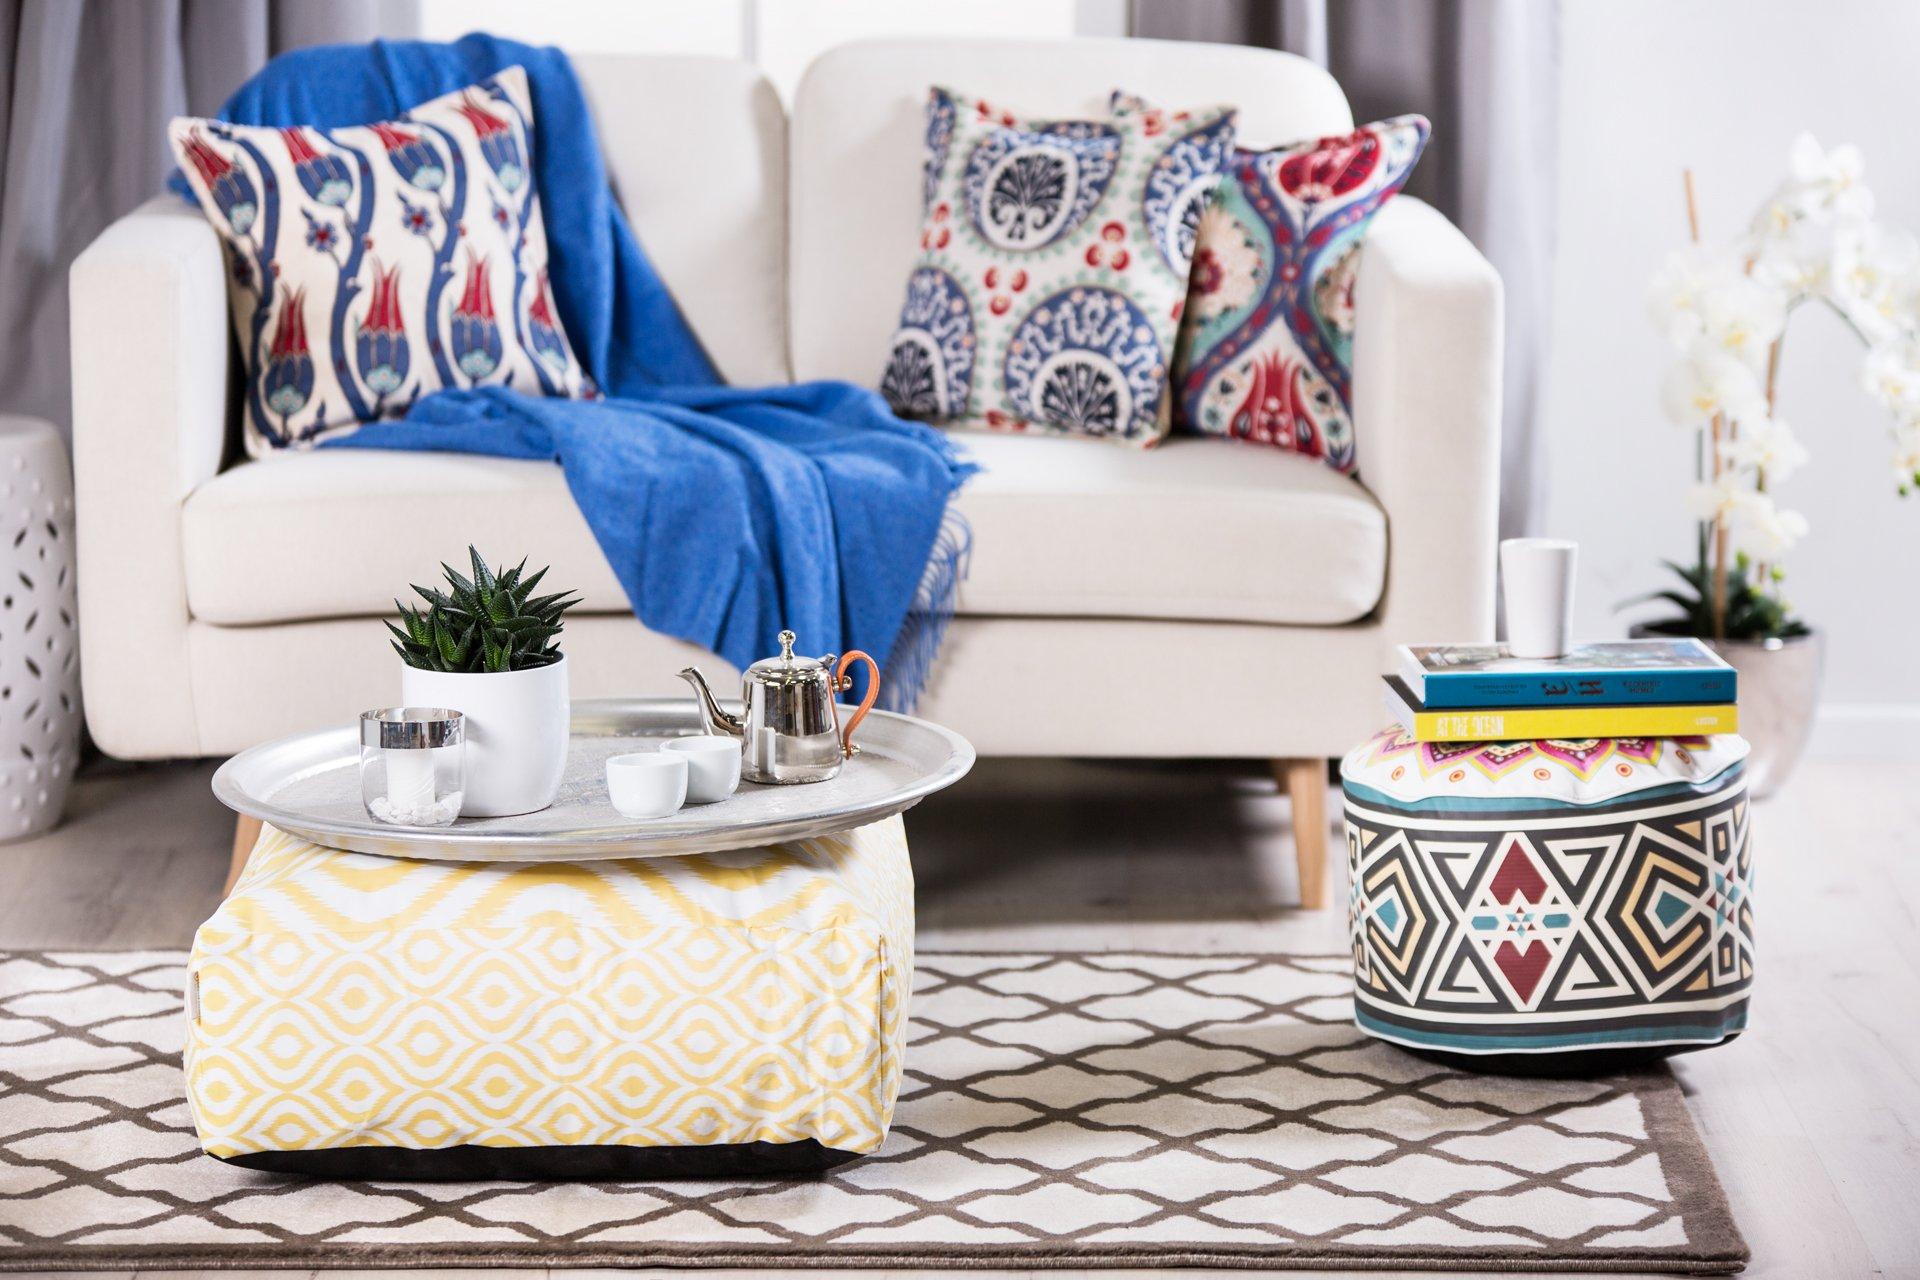 Синее покрывало и подушки в восточном стиле на диване